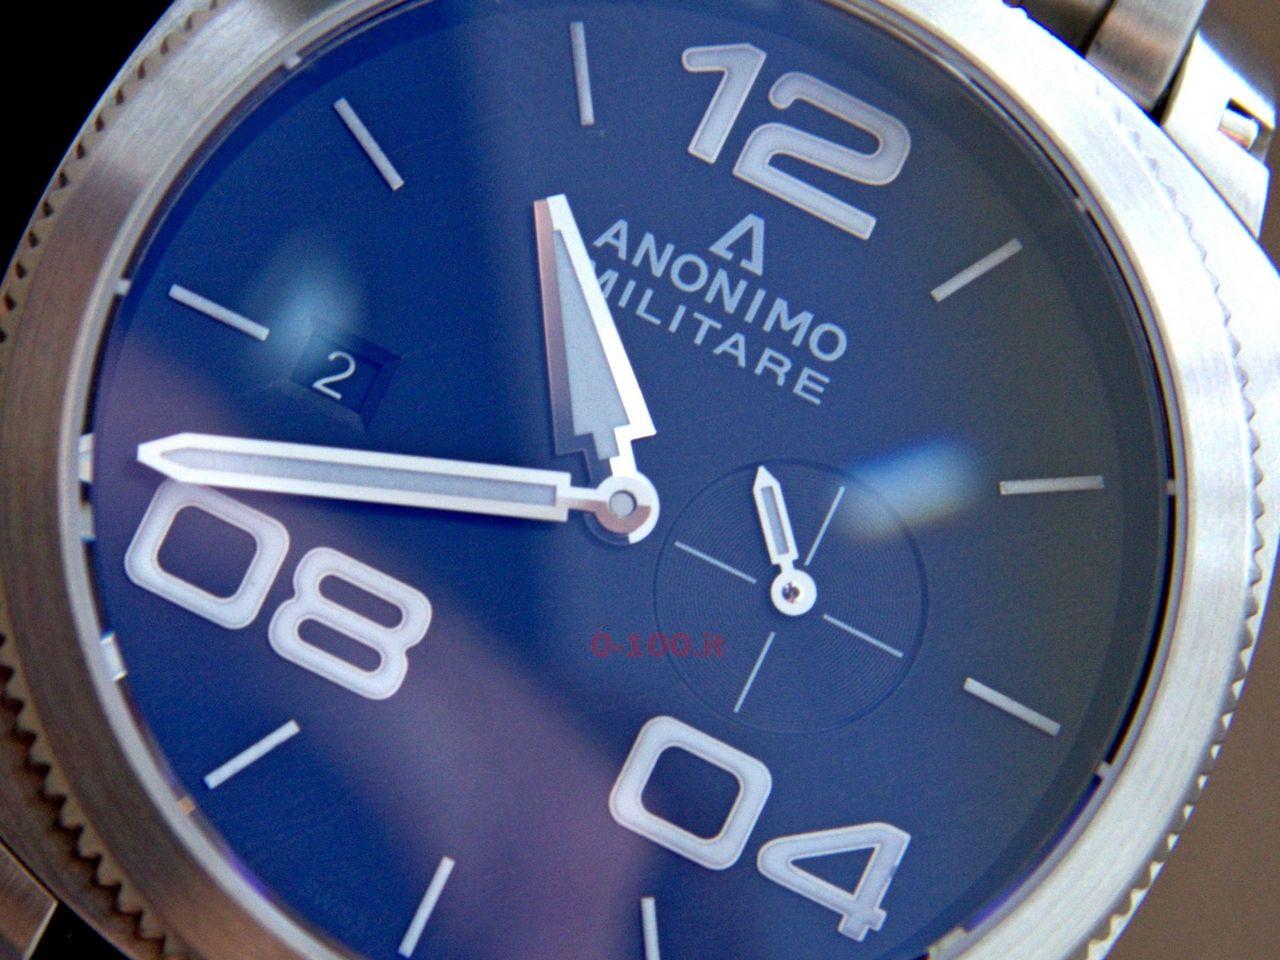 anonimo_militare-nautilo-chrono-date-bronze-prezzo-price-negozi-dealer-0-100_22